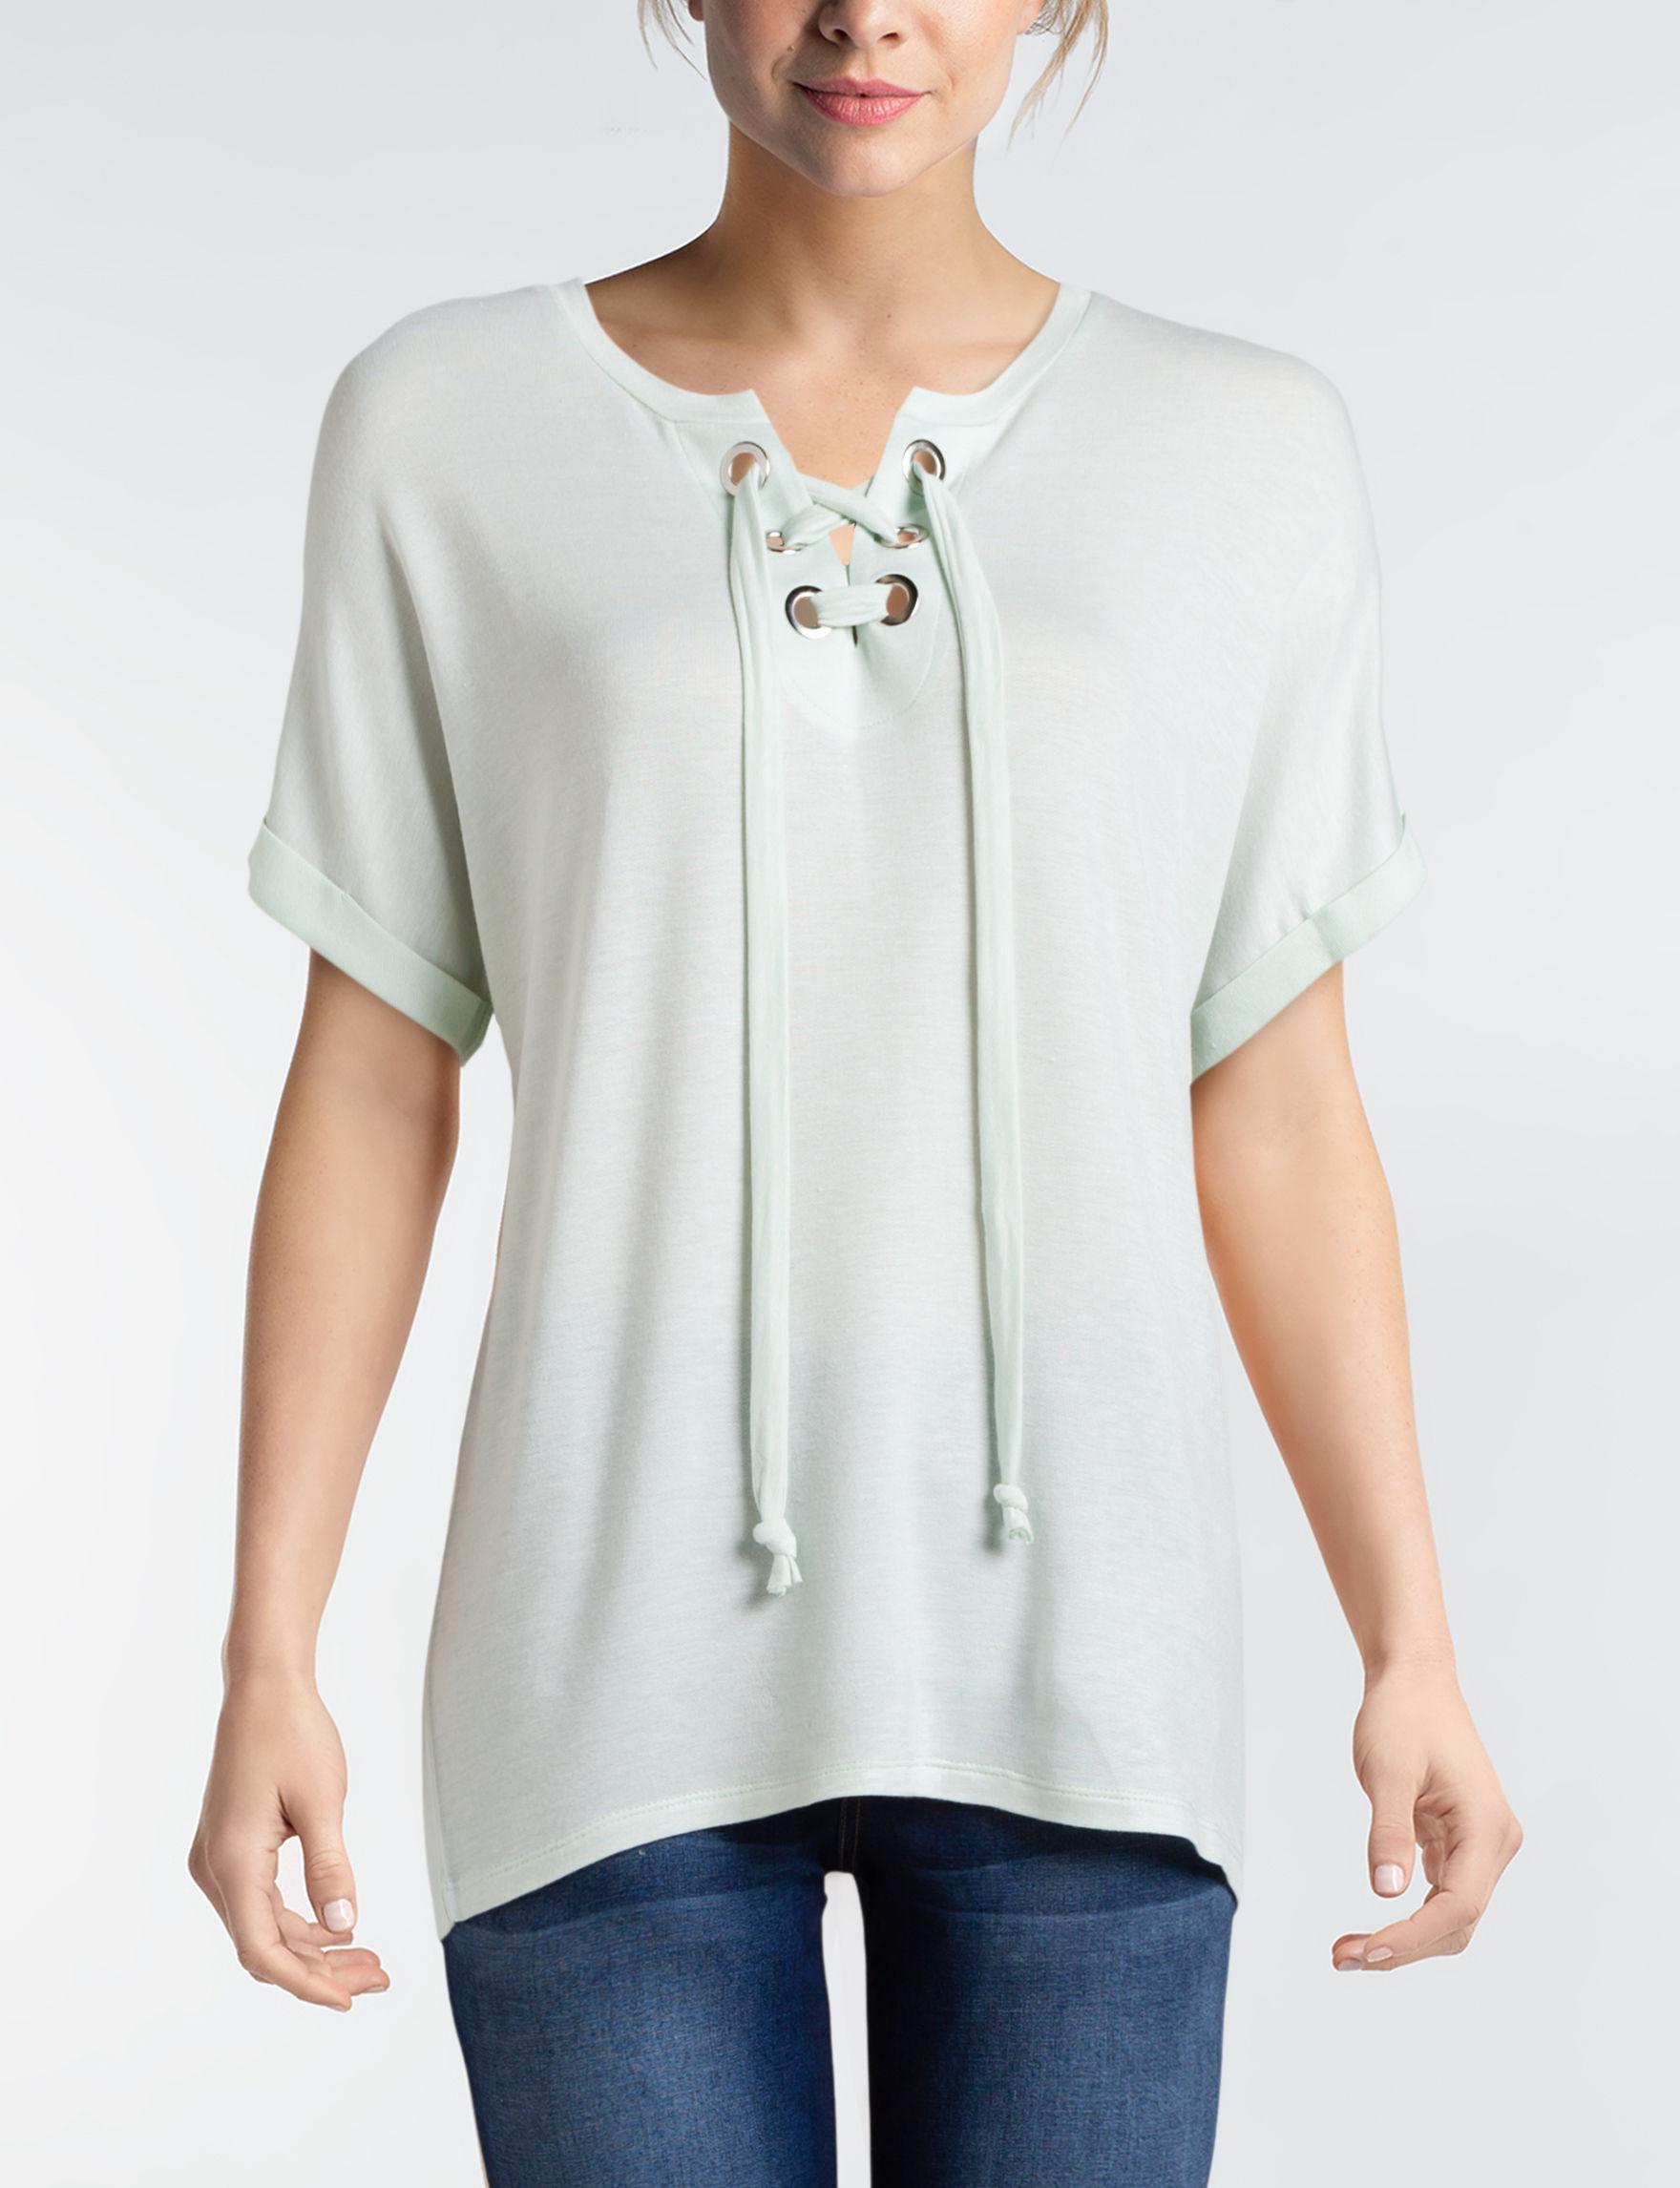 Signature Studio Mint Shirts & Blouses Tees & Tanks